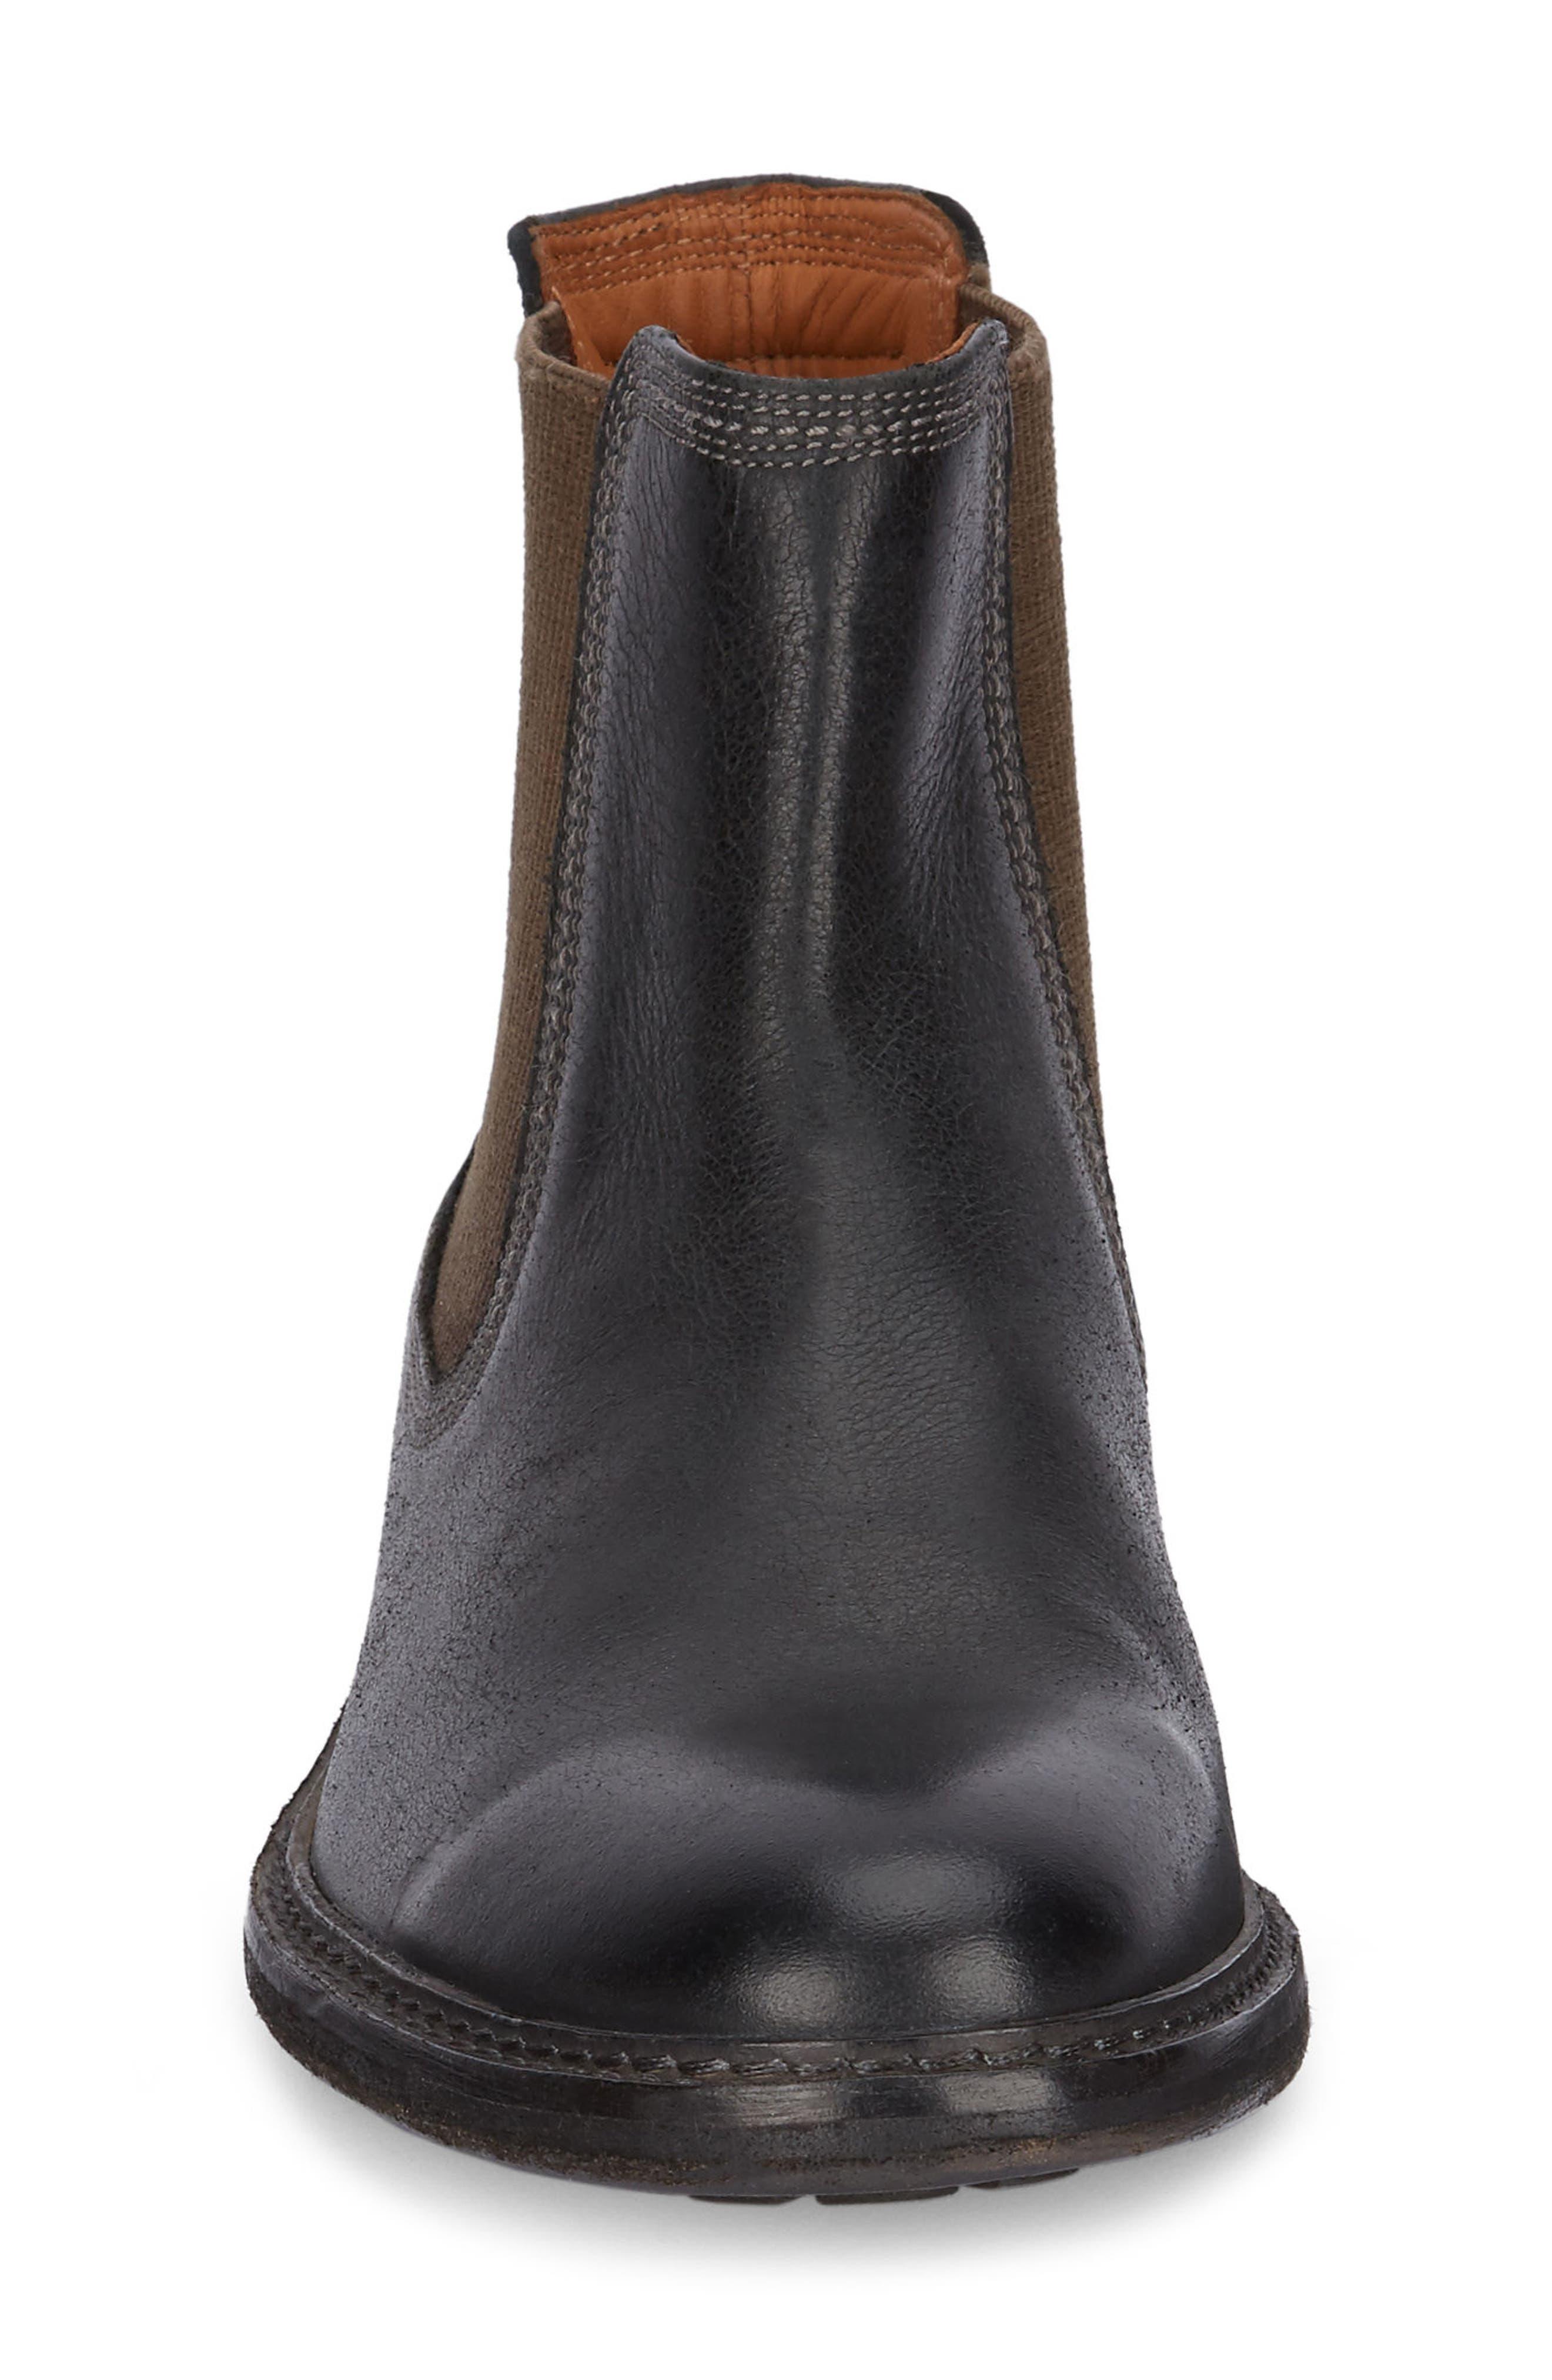 Hendrick Chelsea Boot,                             Alternate thumbnail 4, color,                             001